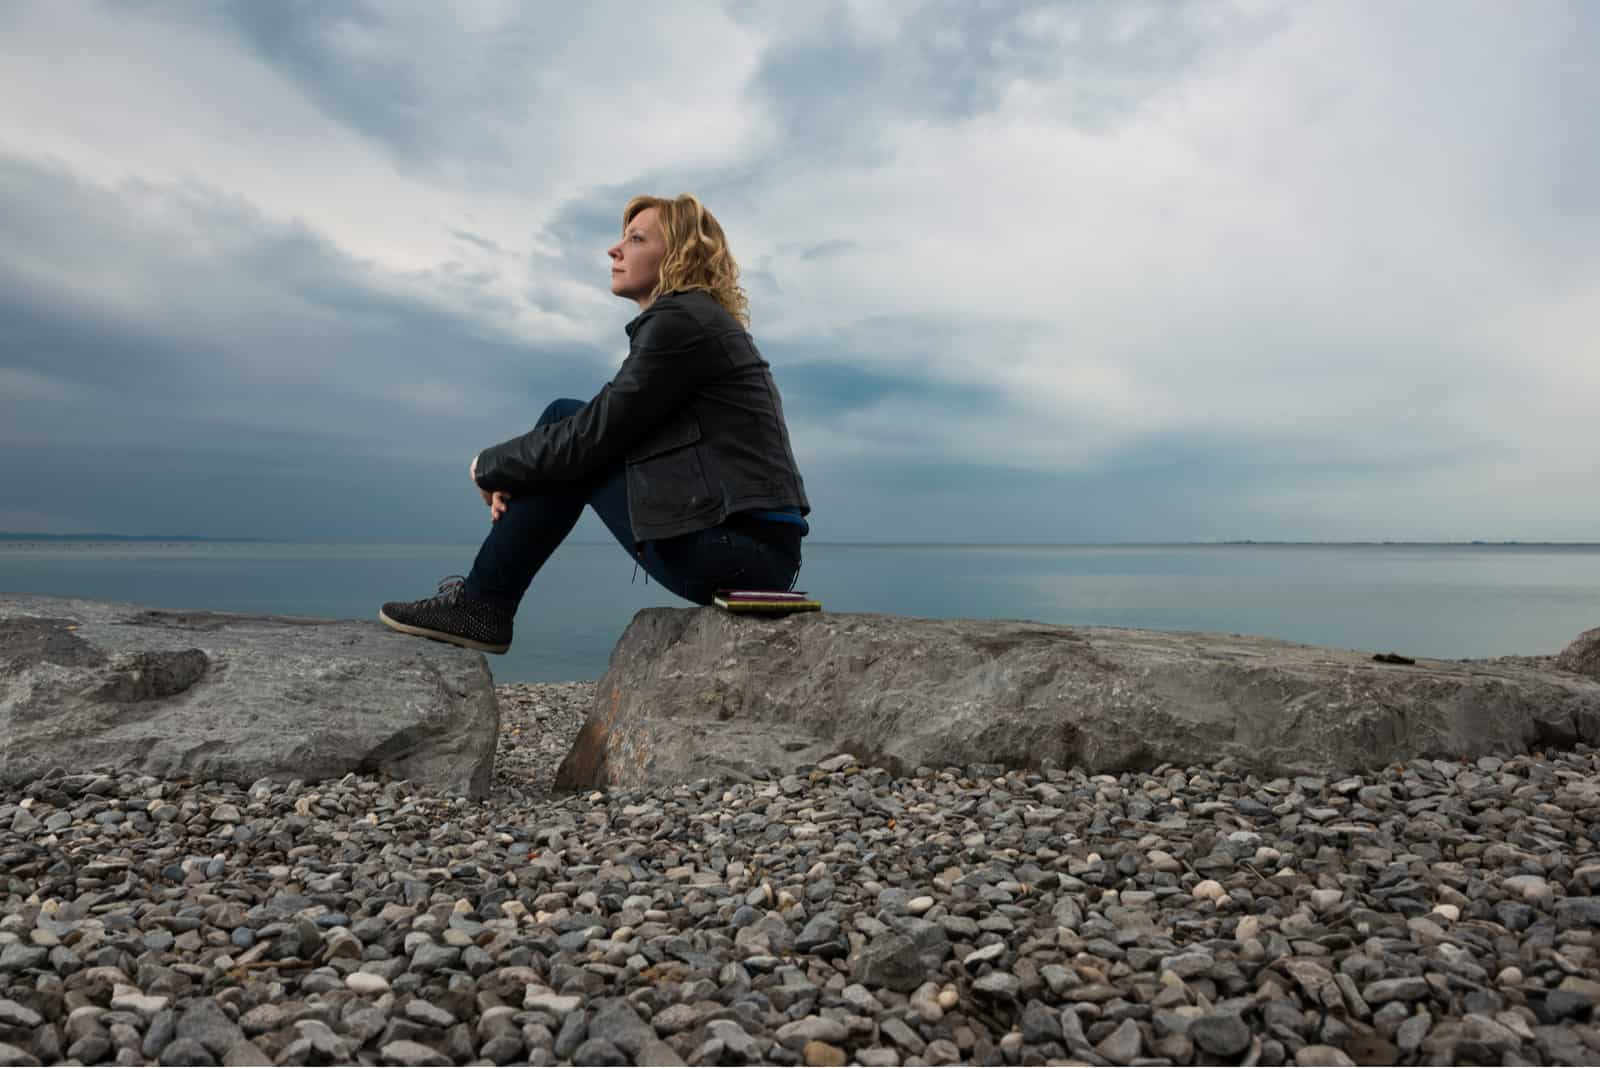 fundersam kvinna som sitter ute ensam